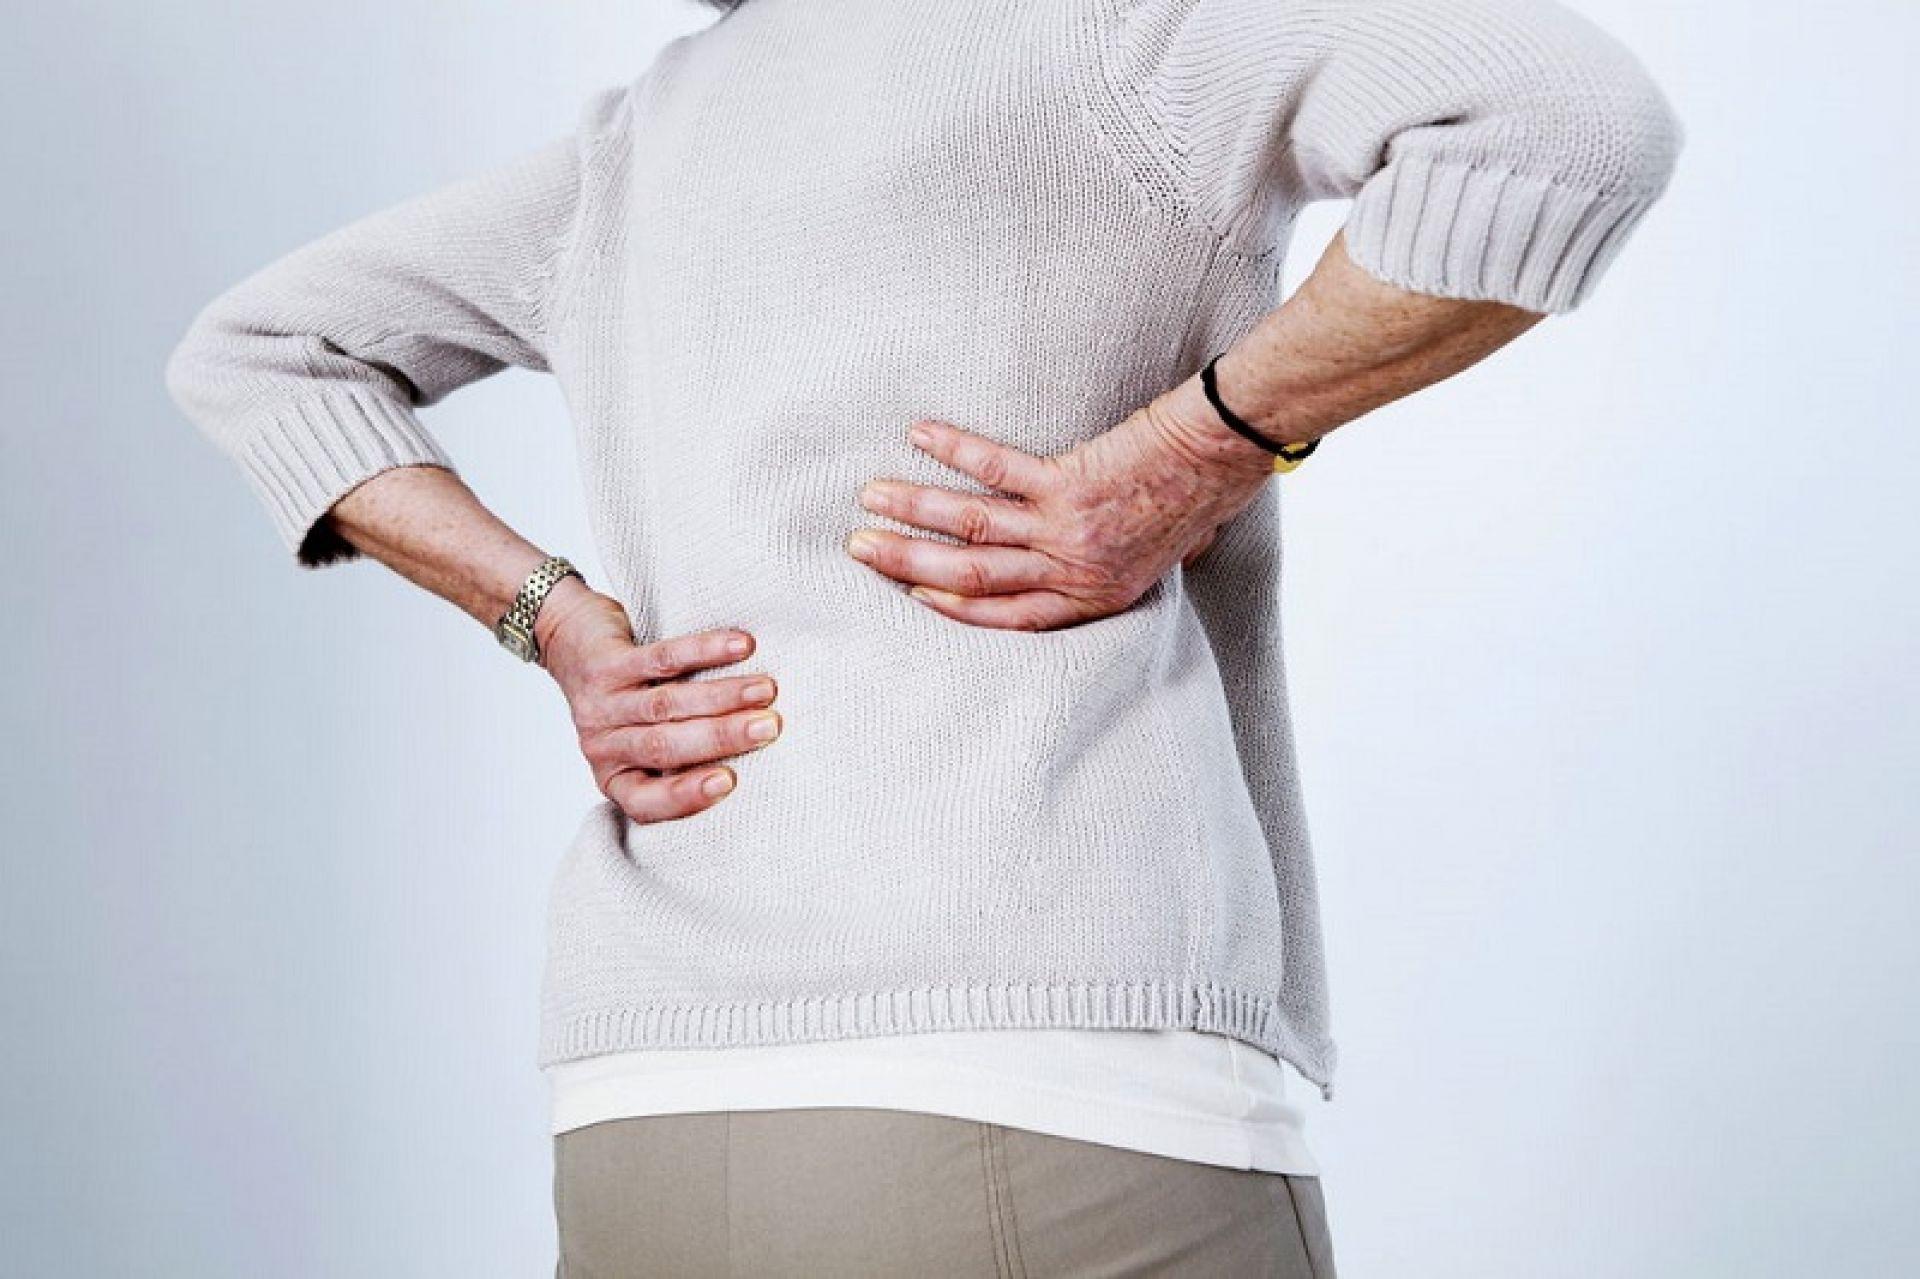 Καταπολεμήστε την Οστεοπόρωση με Αερόβια Άσκηση